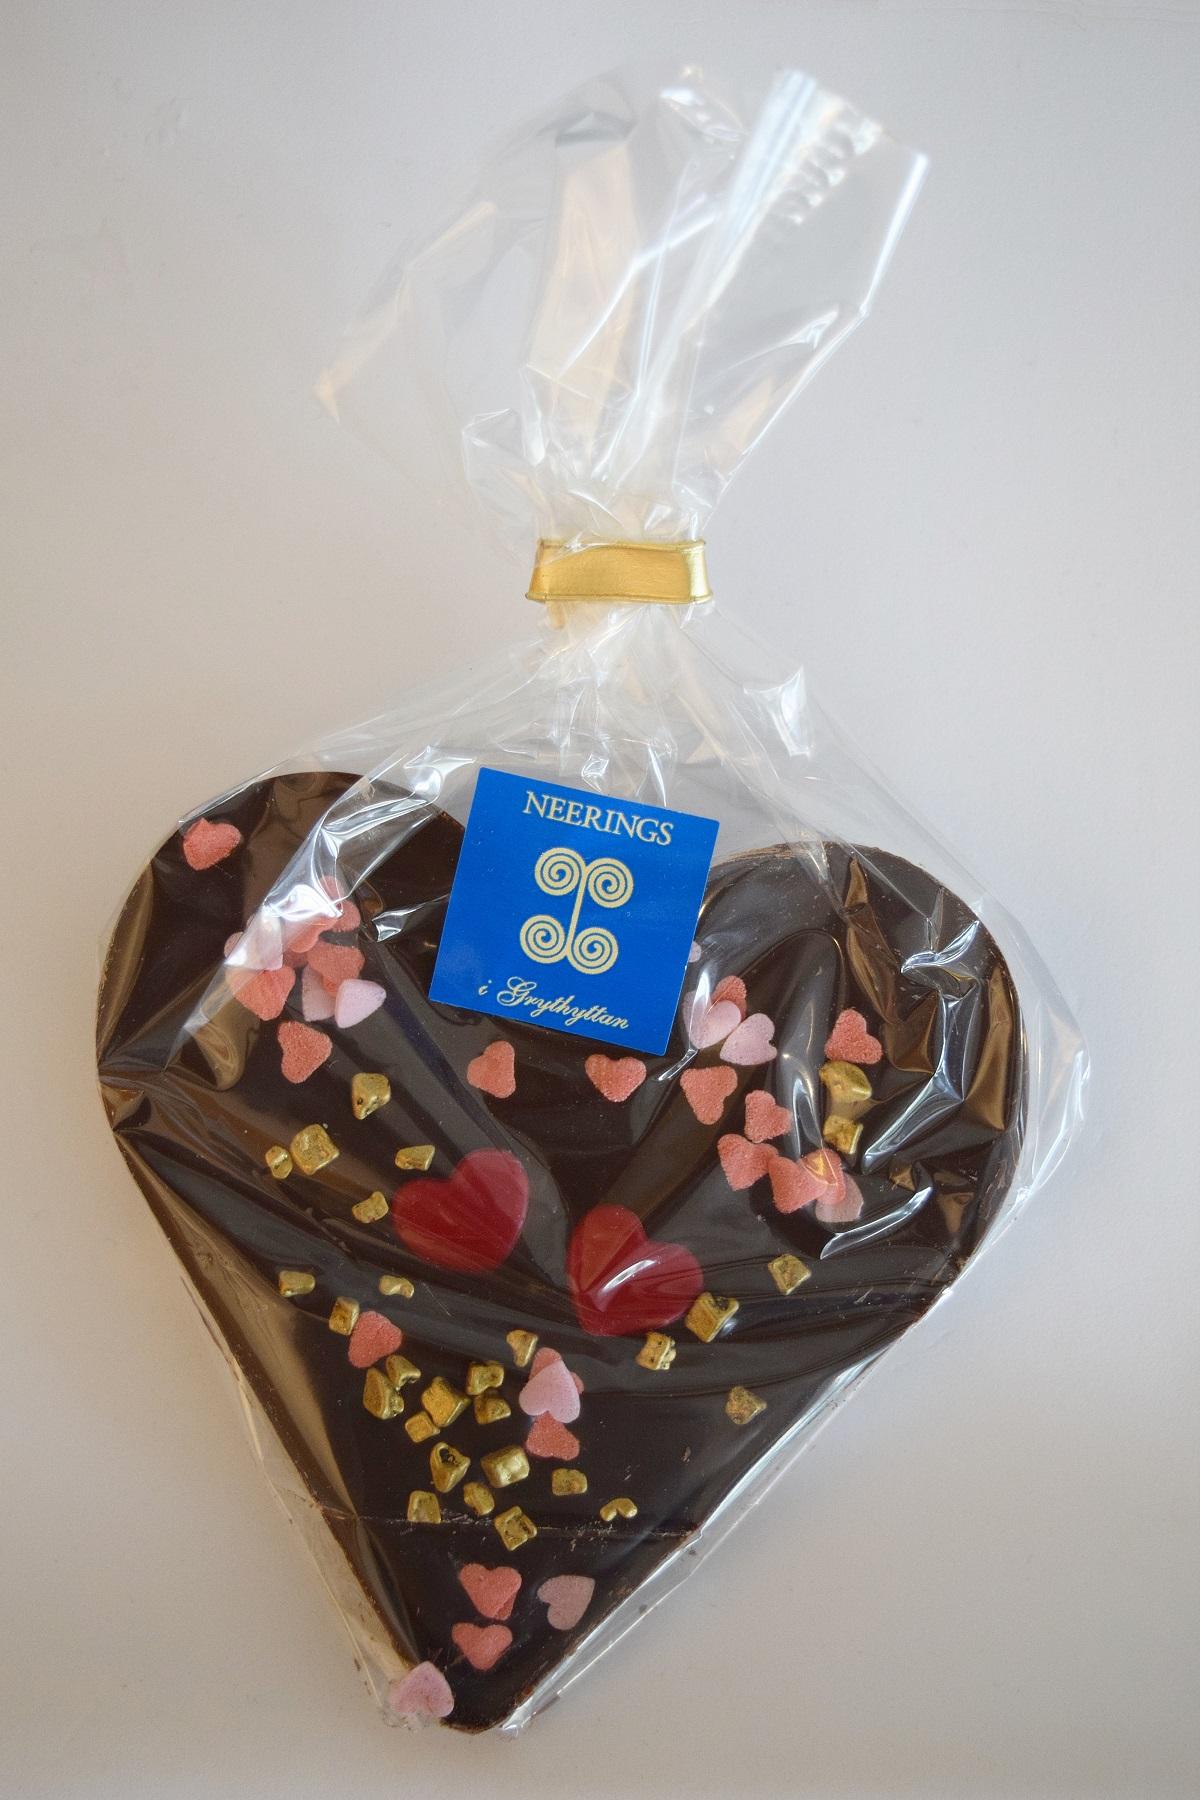 Mörk chokladkaka med chokladhjärtan och guldchoklad